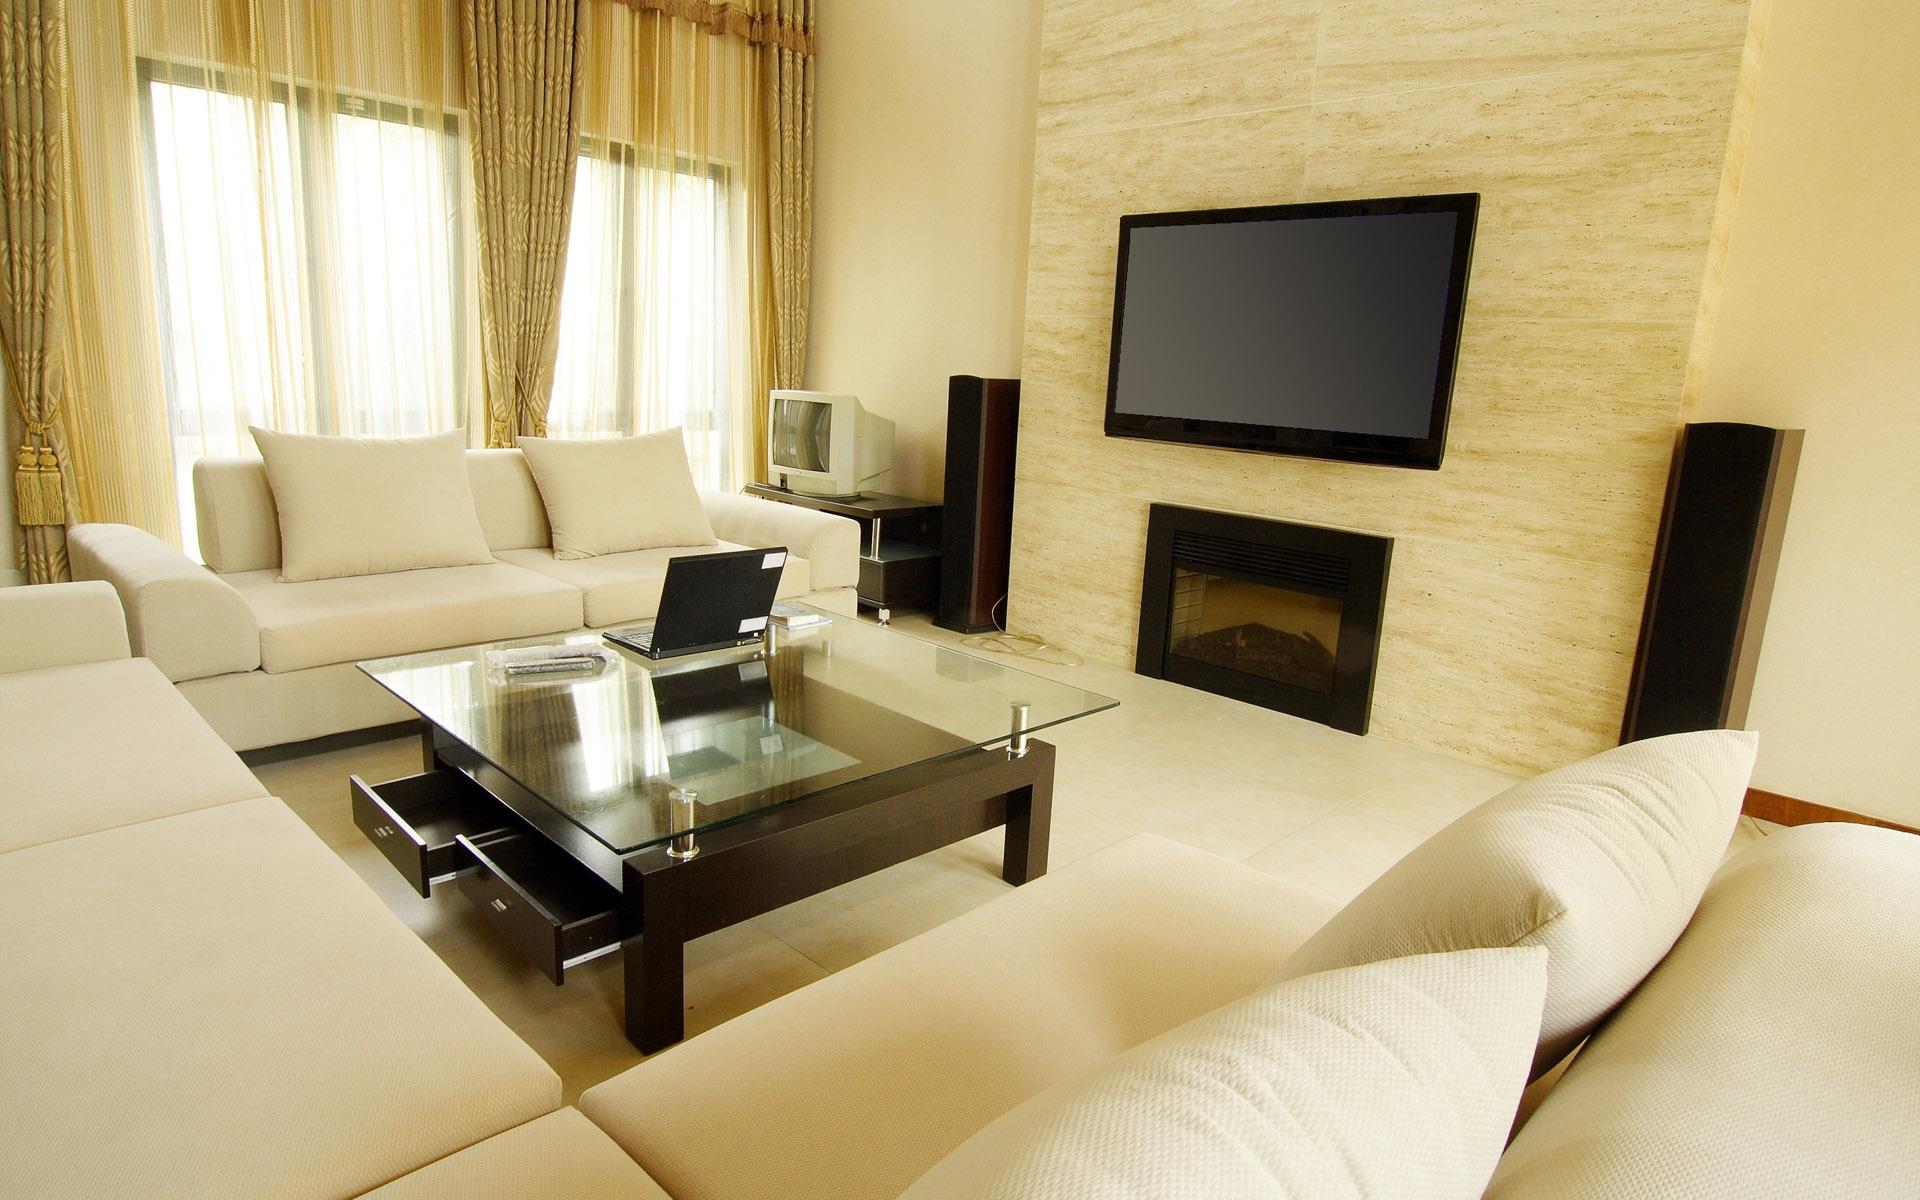 Интерьер гостиной с двумя окнами с фото